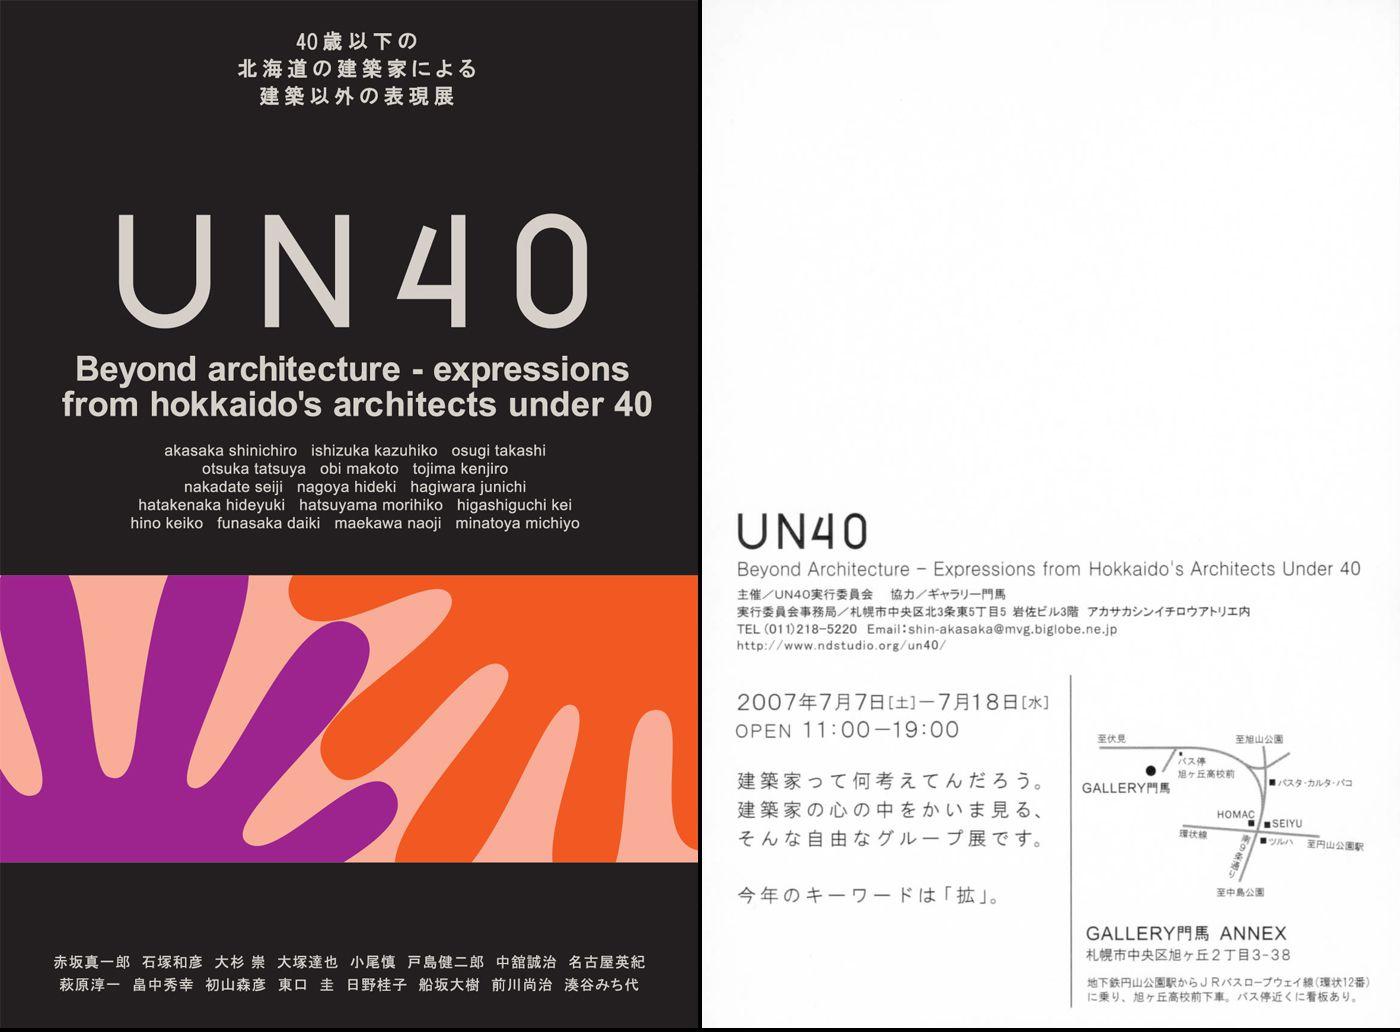 UN40 ~ 40歳以下の北海道の建築家による建築以外の表現展 vol.5